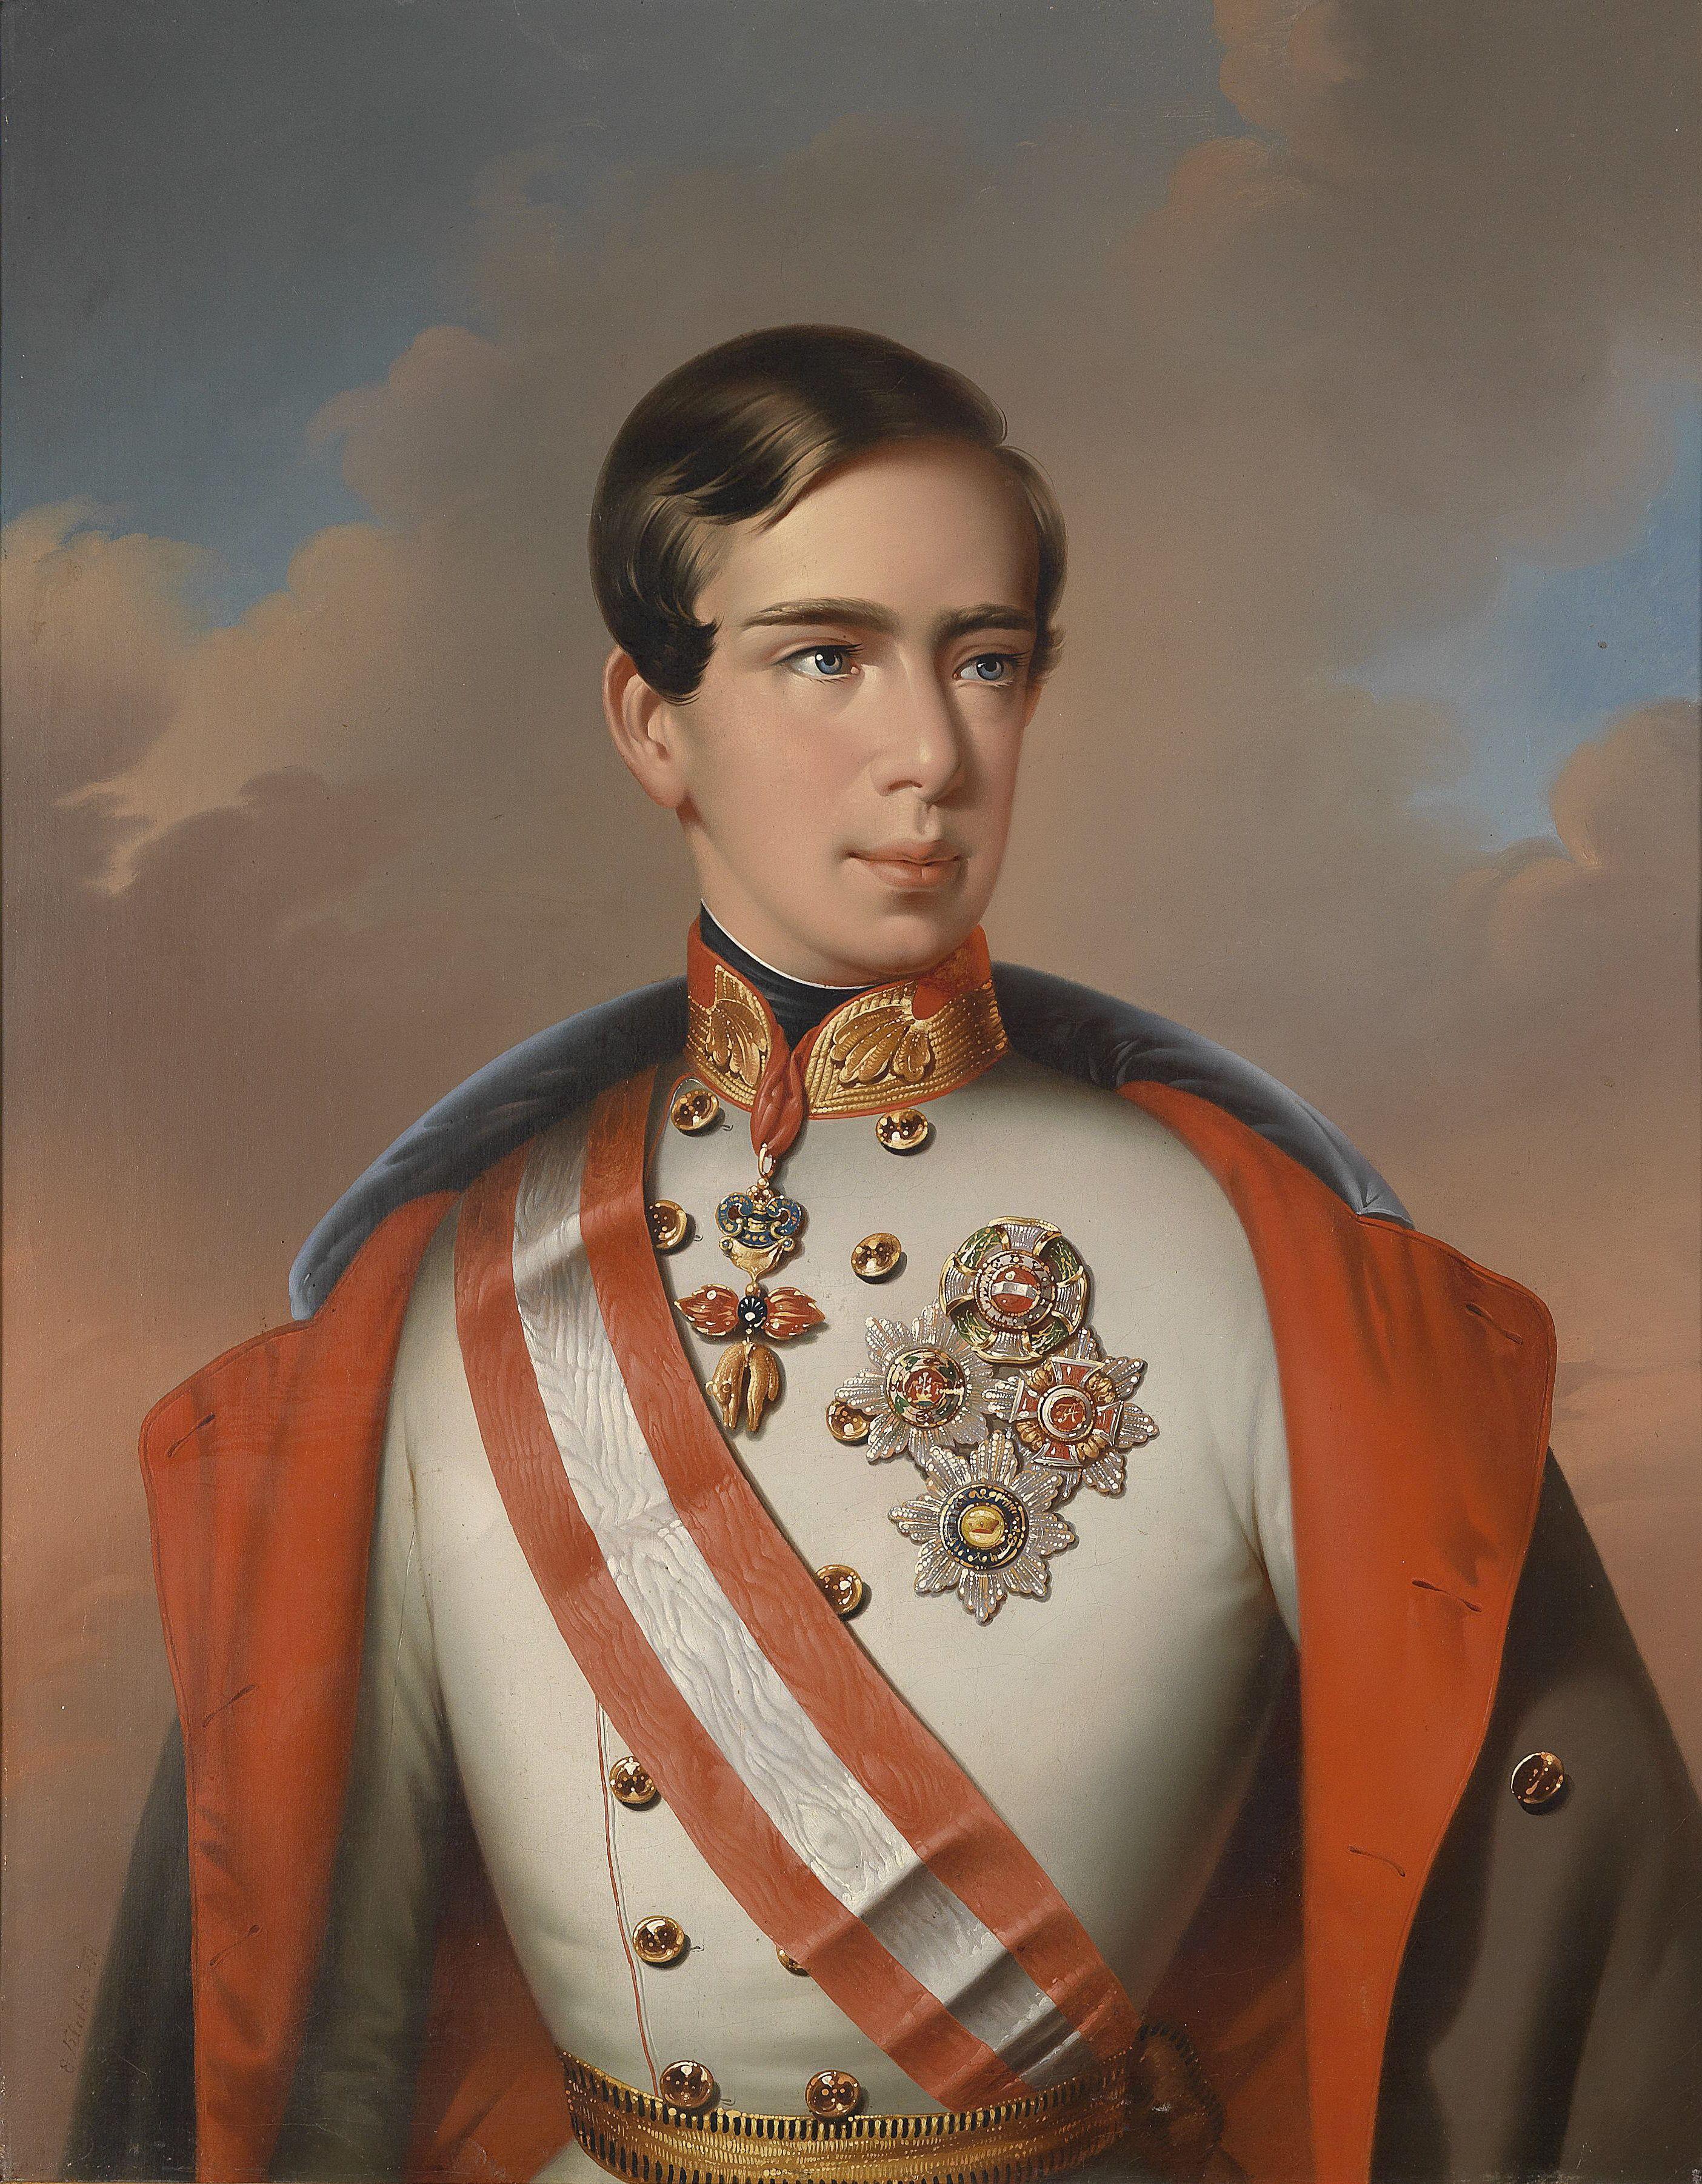 Eduard Klieber Franz Joseph I Empress sissi, Austria